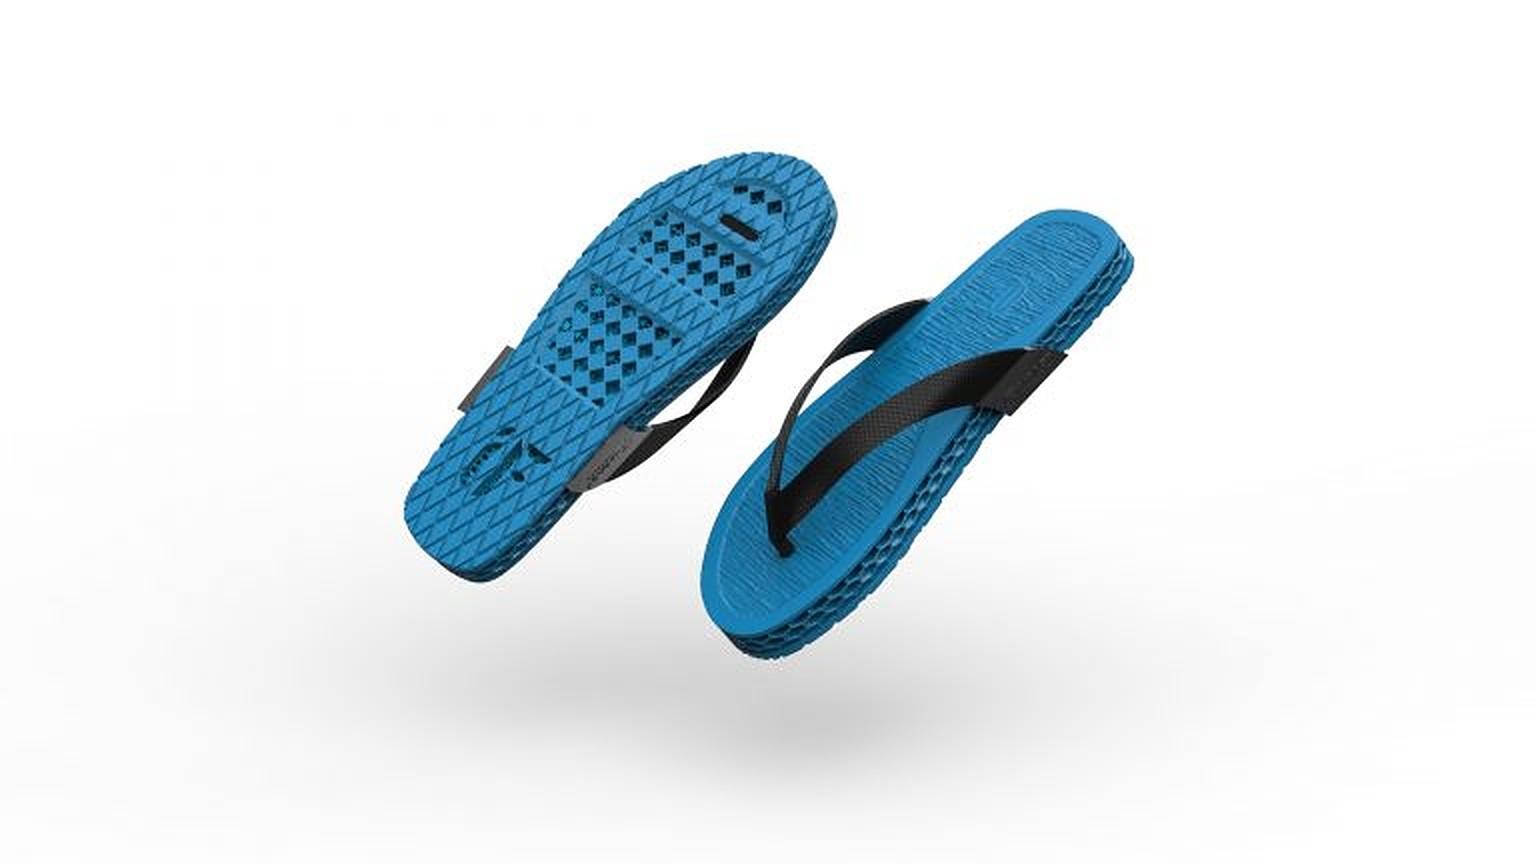 Custom Latticed-Based Flip Flops for Consumers